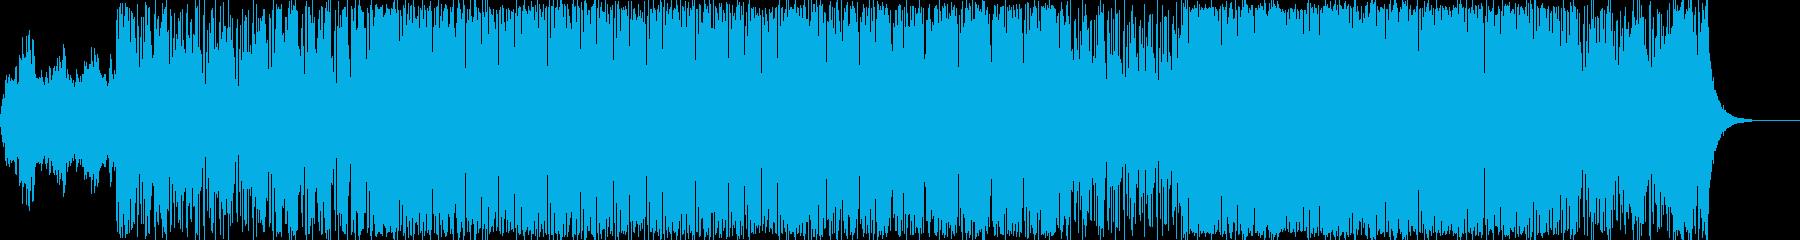 サンプリングボーカルを使ったチル系の再生済みの波形